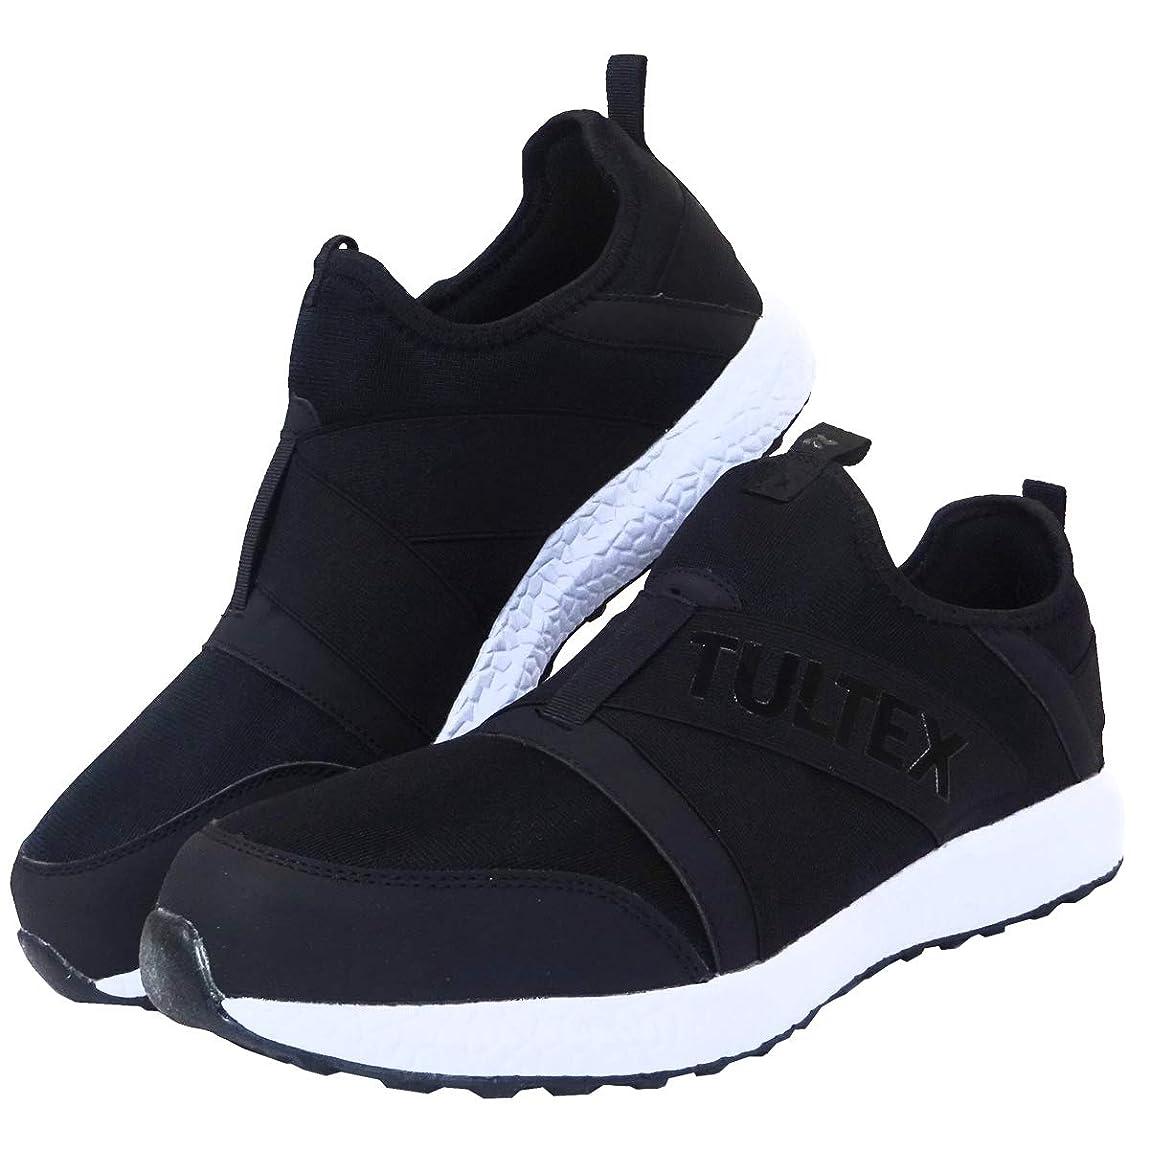 暴動ジョグ想像する安全靴 スリッポン LX69180 ローカット メンズ 軽量 ゴムストラップ セーフティーシューズ 作業靴